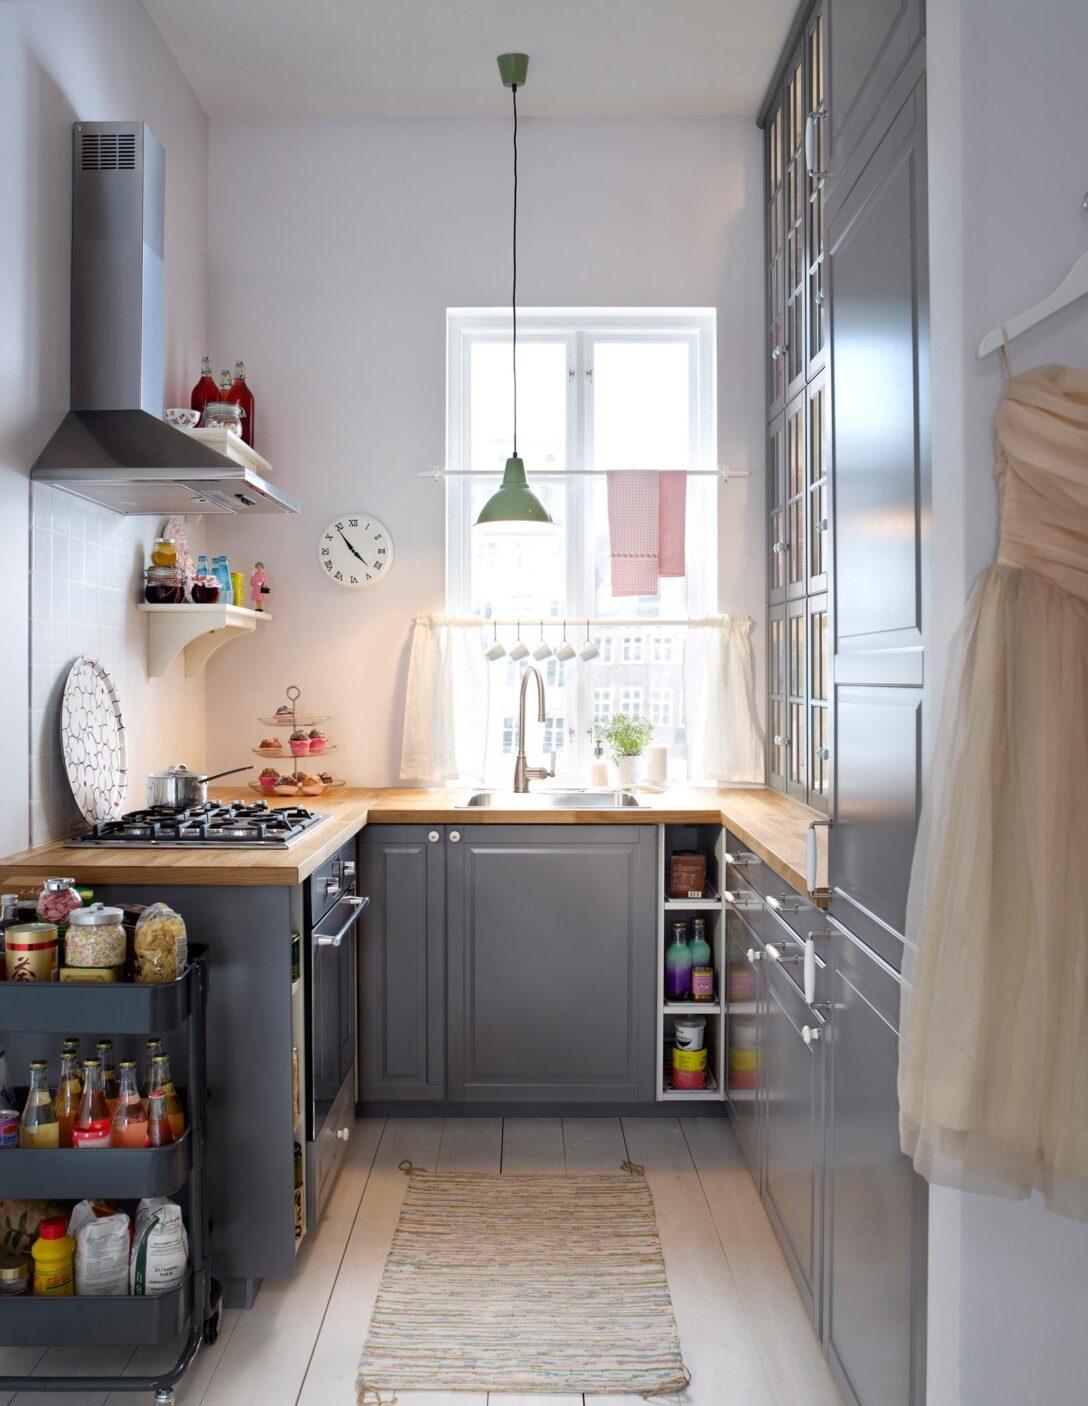 Large Size of Stauraum In Der Kleinen Kche Teppich Aufbewahrung Lüftung Küche Gardinen Armaturen Deckenleuchten Miniküche Mit Kühlschrank Lieferzeit Schmales Regal Wohnzimmer Teppich Küche Ikea